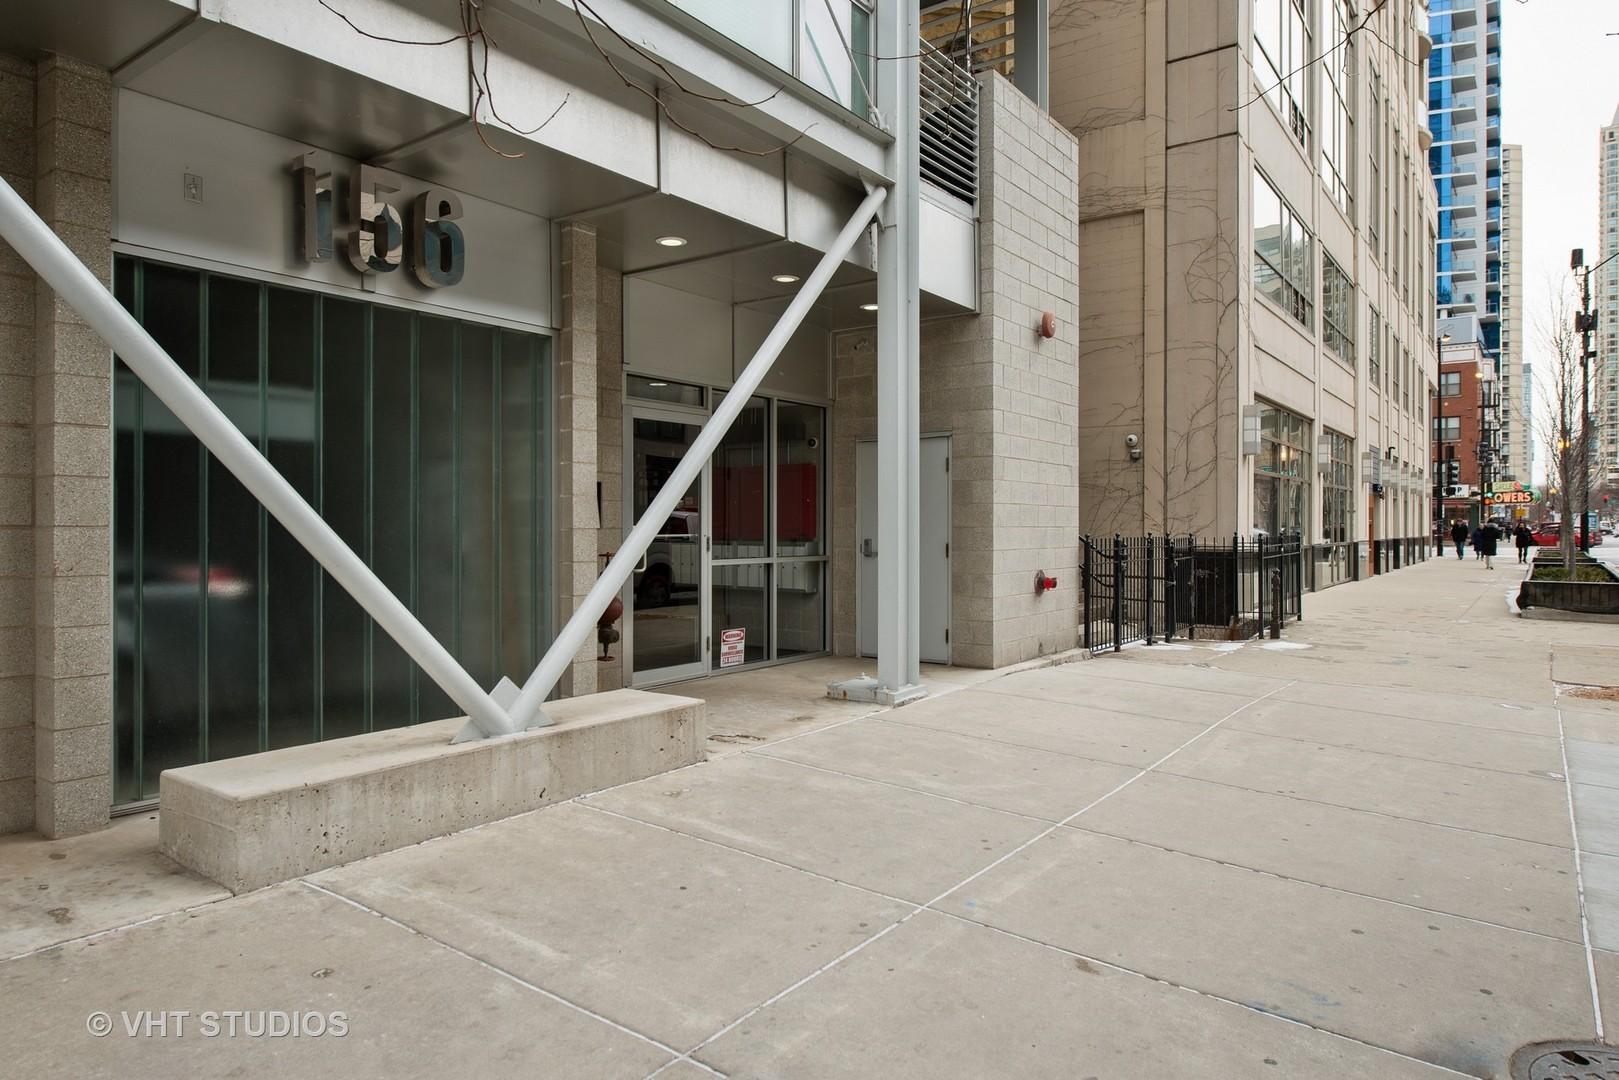 156 WEST SUPERIOR STREET #601, CHICAGO, IL 60654